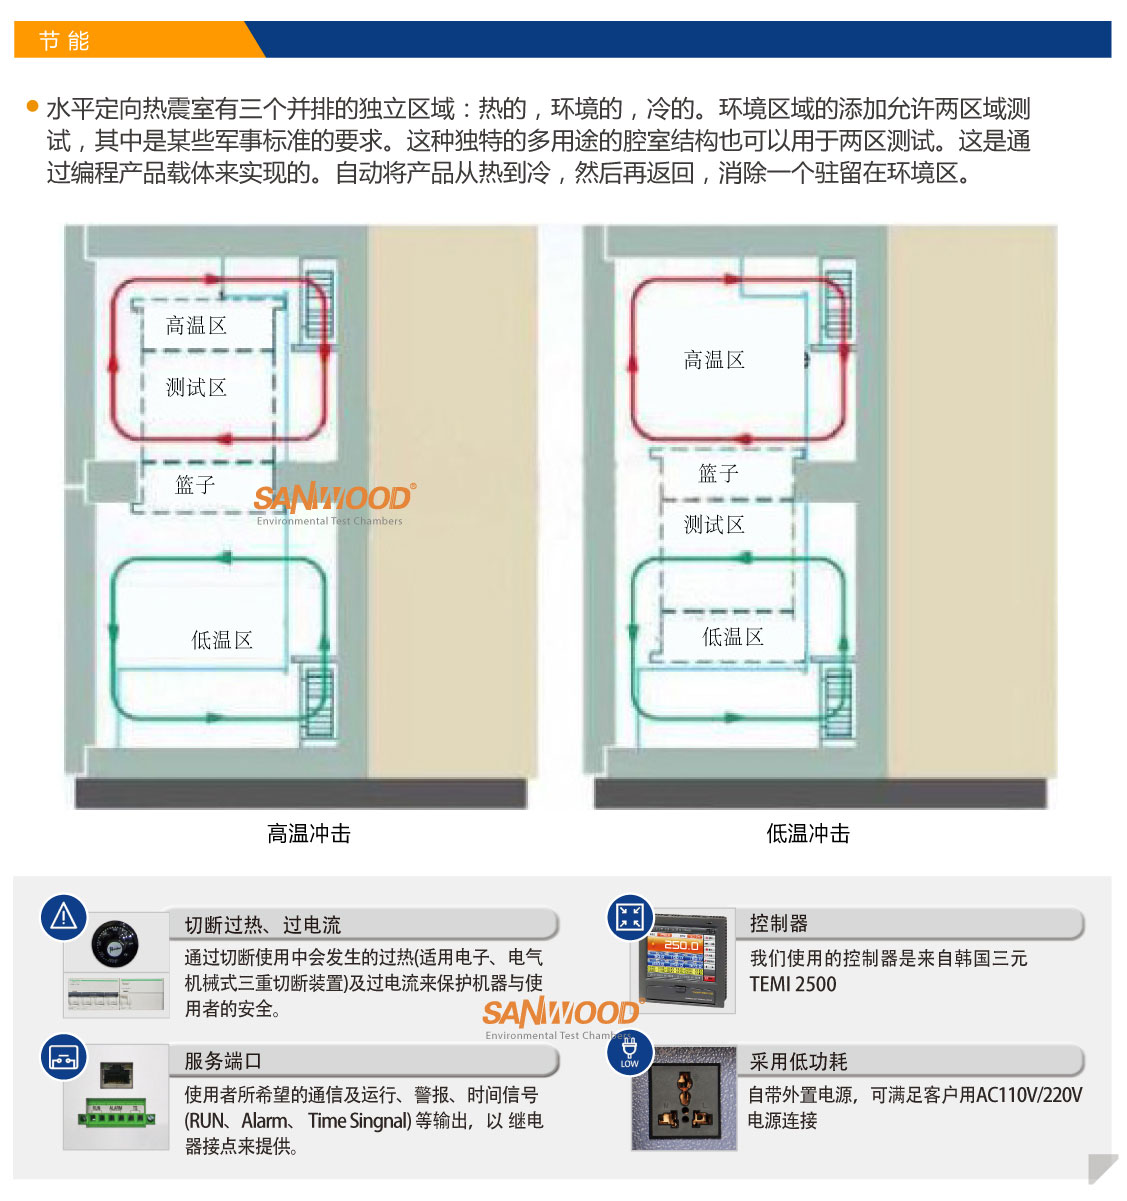 冷热冲击详情图中文-1_05.jpg